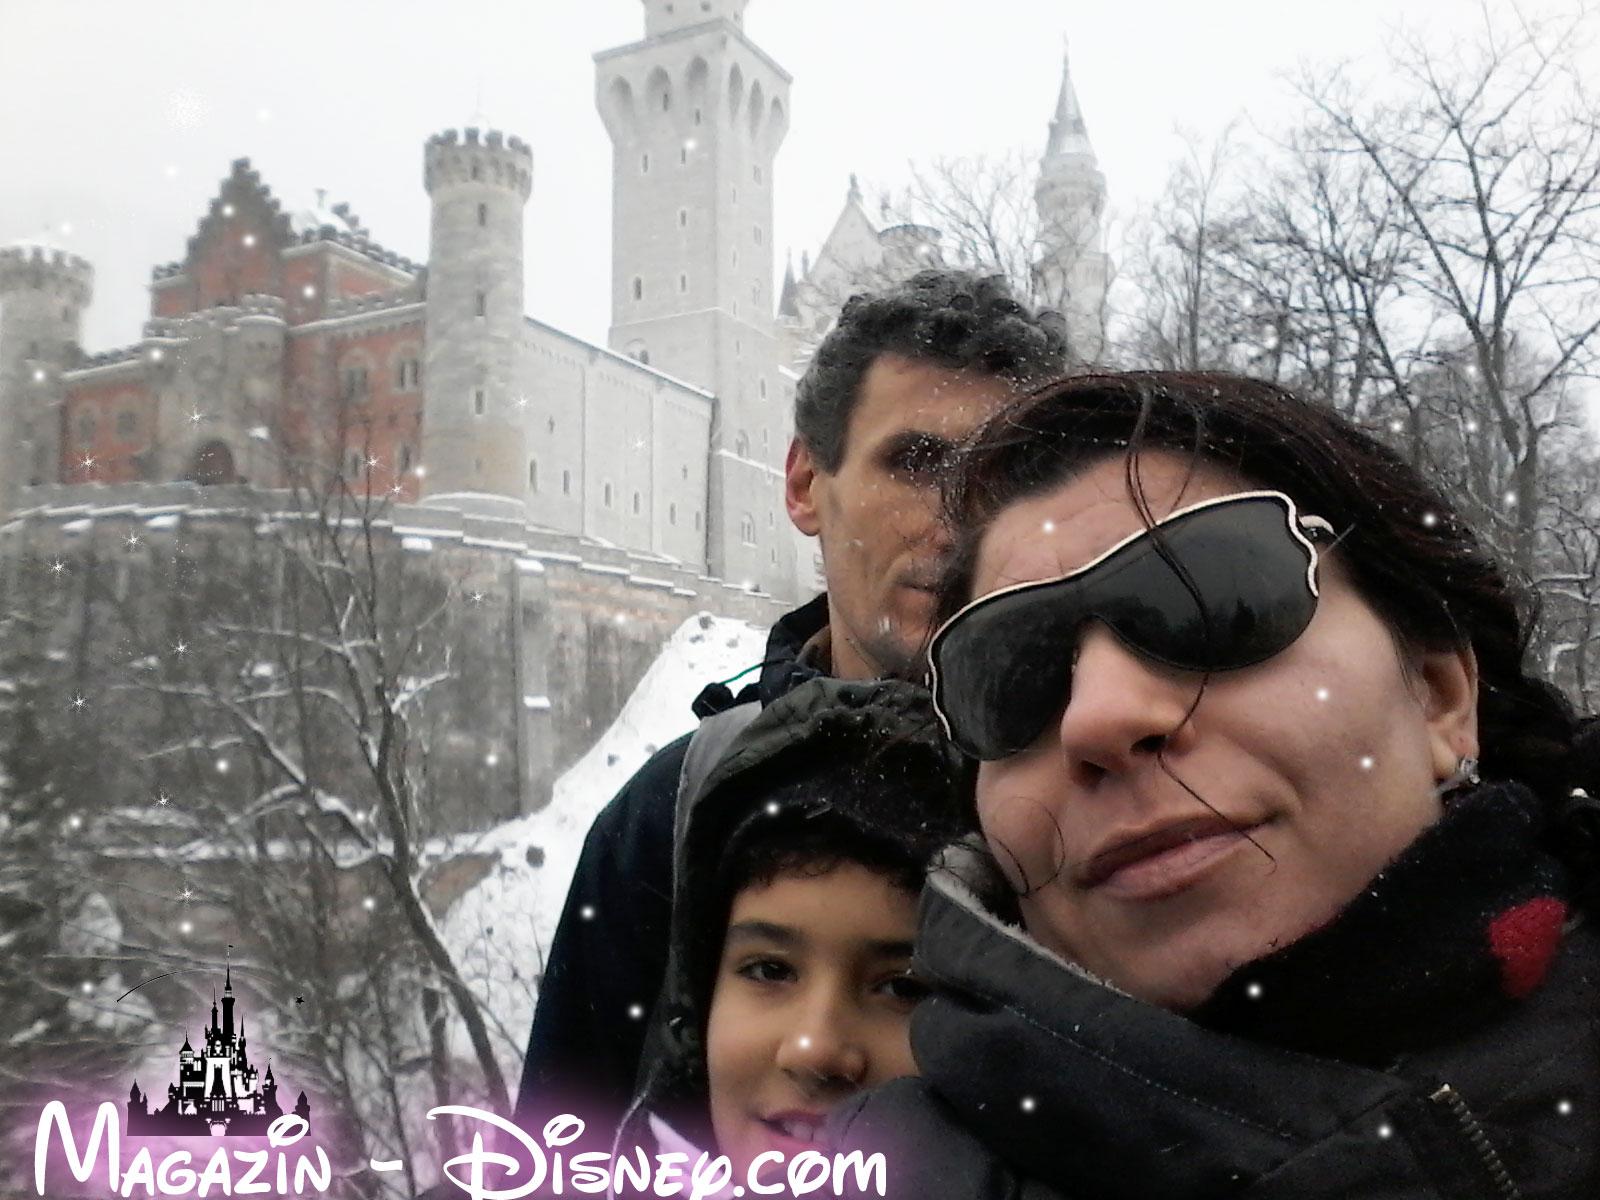 Castelul Disney Neuschwanstein